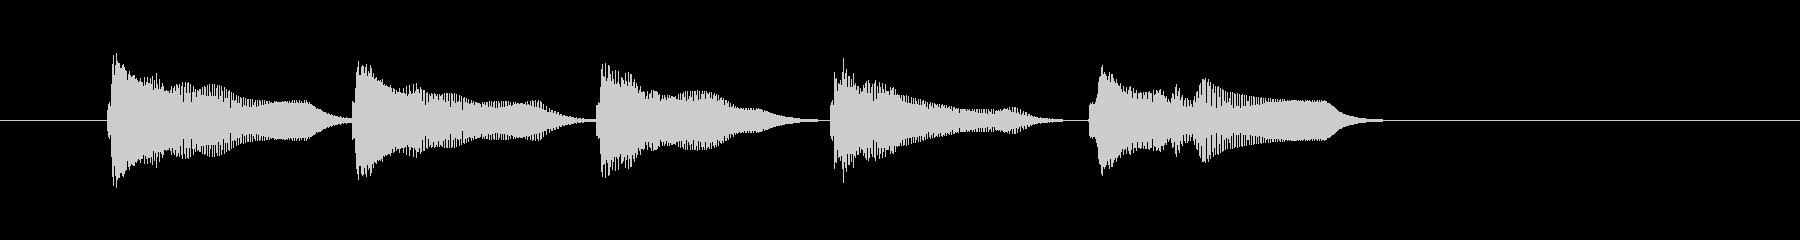 バネ_はねる_バウンド音の未再生の波形